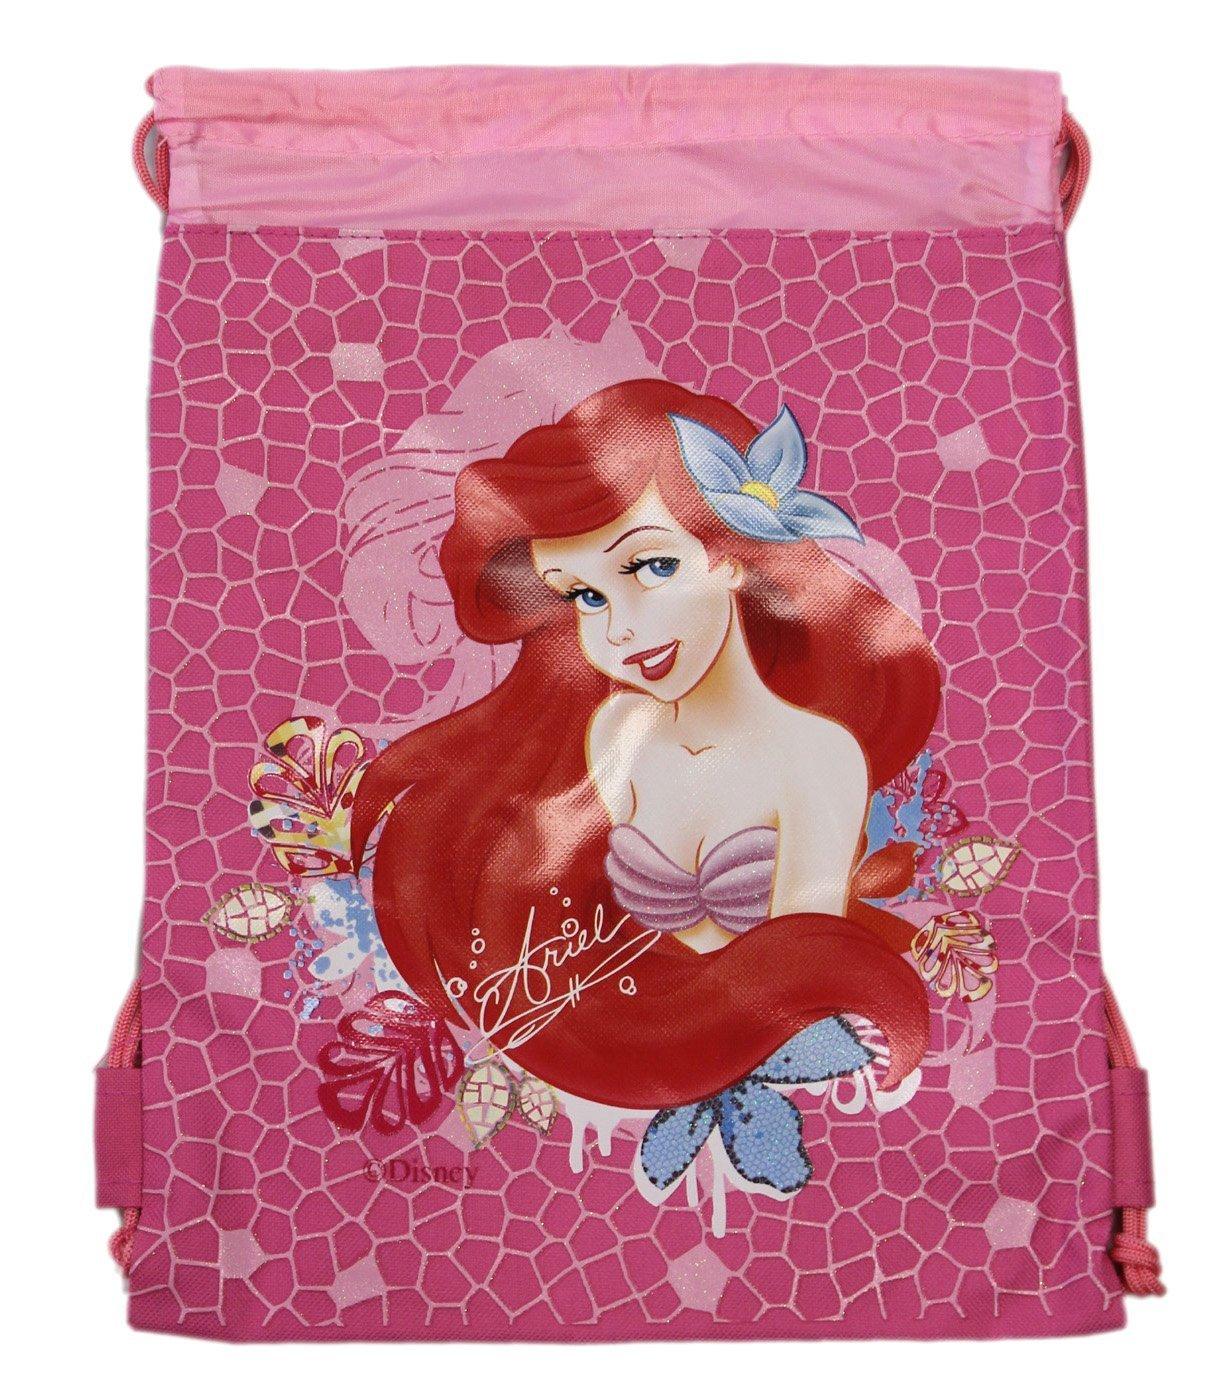 Hot Pink Ariel Drawstring Bag - Kids Drawstring Backpack